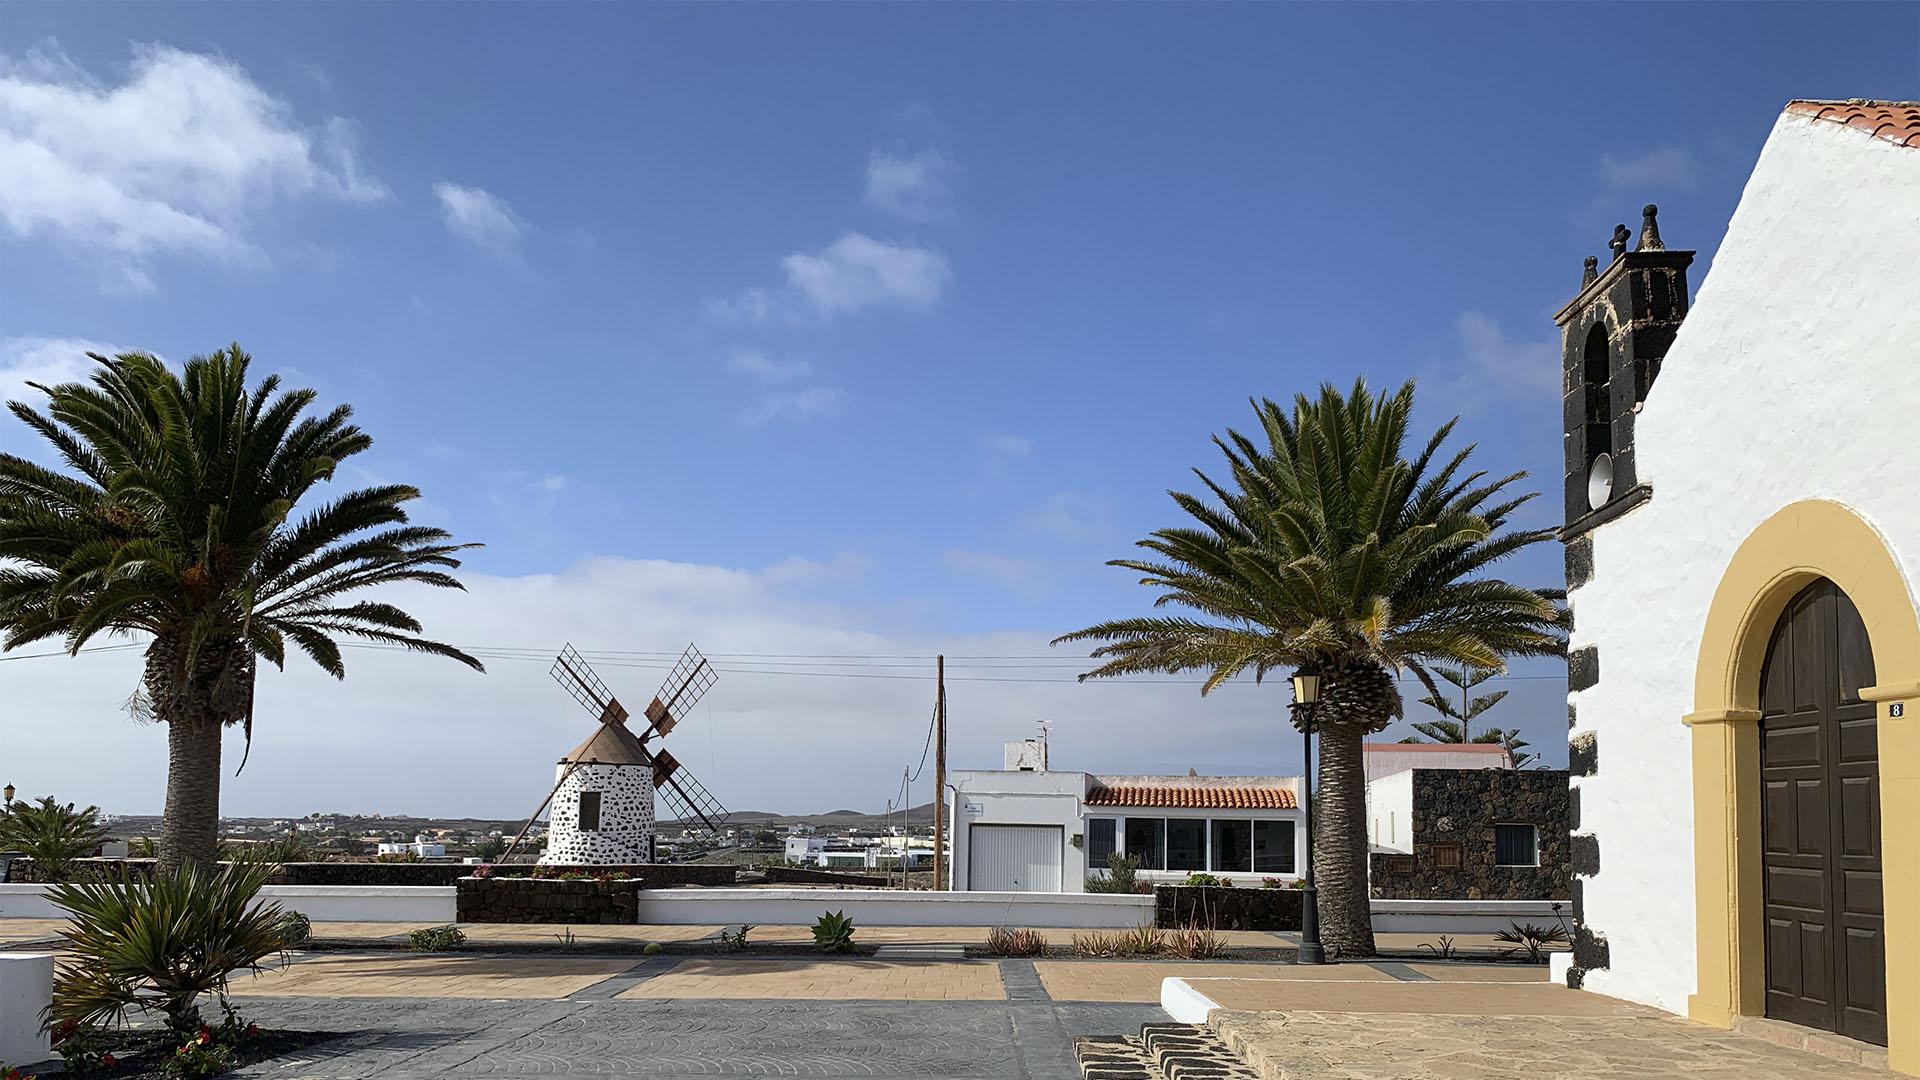 Der Ort Lajares auf Fuerteventura.